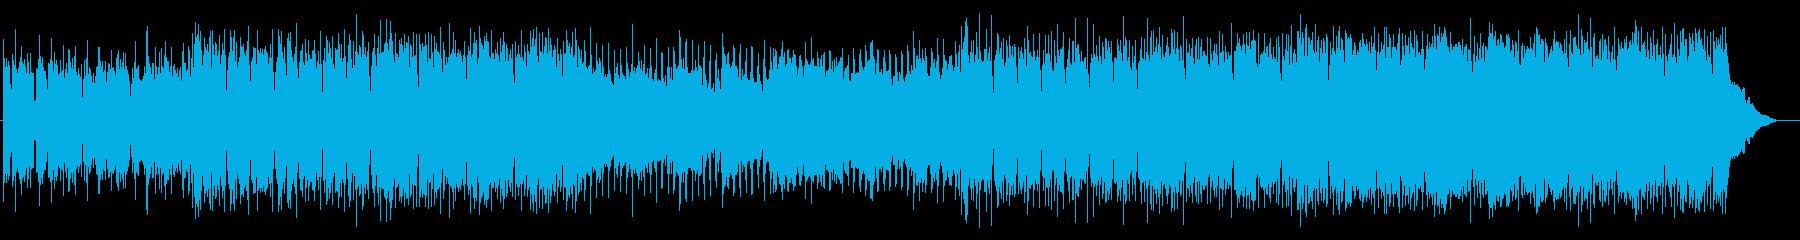 洋楽 ギターポップ 明るい Vlogの再生済みの波形